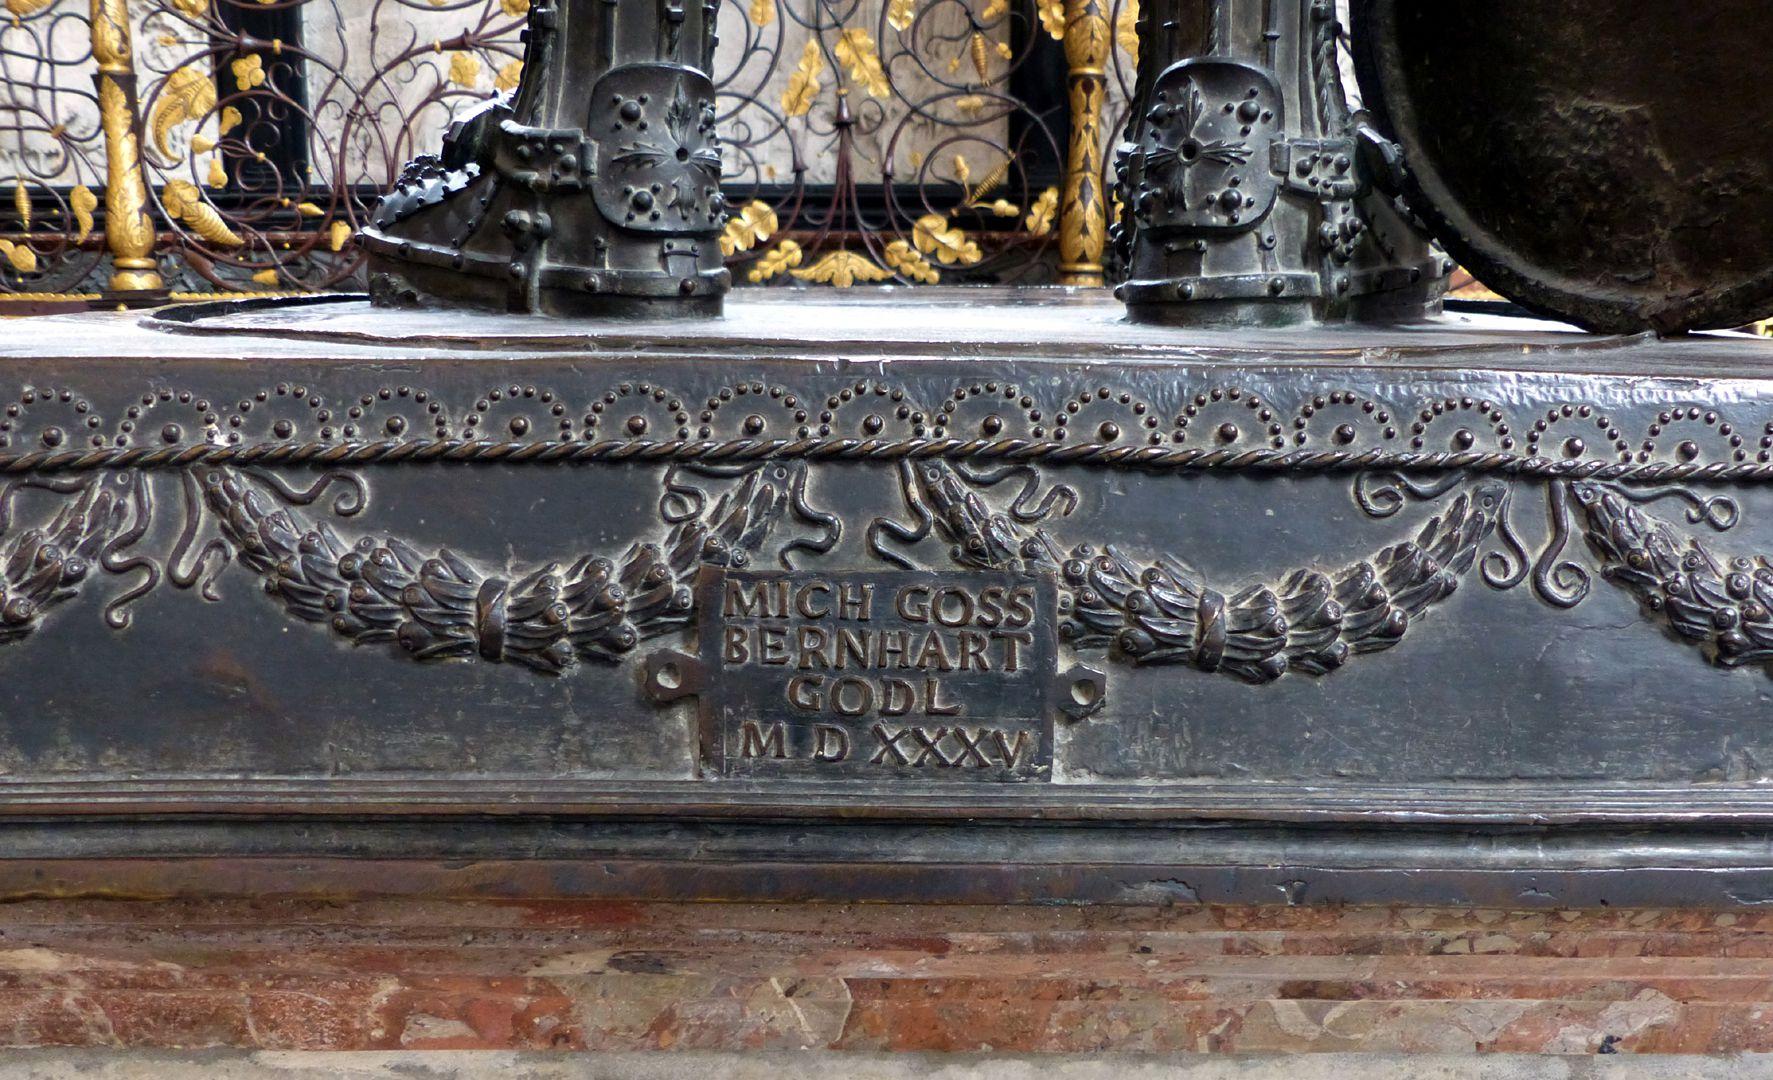 Ferdinand of Portugal (Innsbruck) Sockel mit Inschrift: MICH GOSS BERNHART GODL MDXXXV